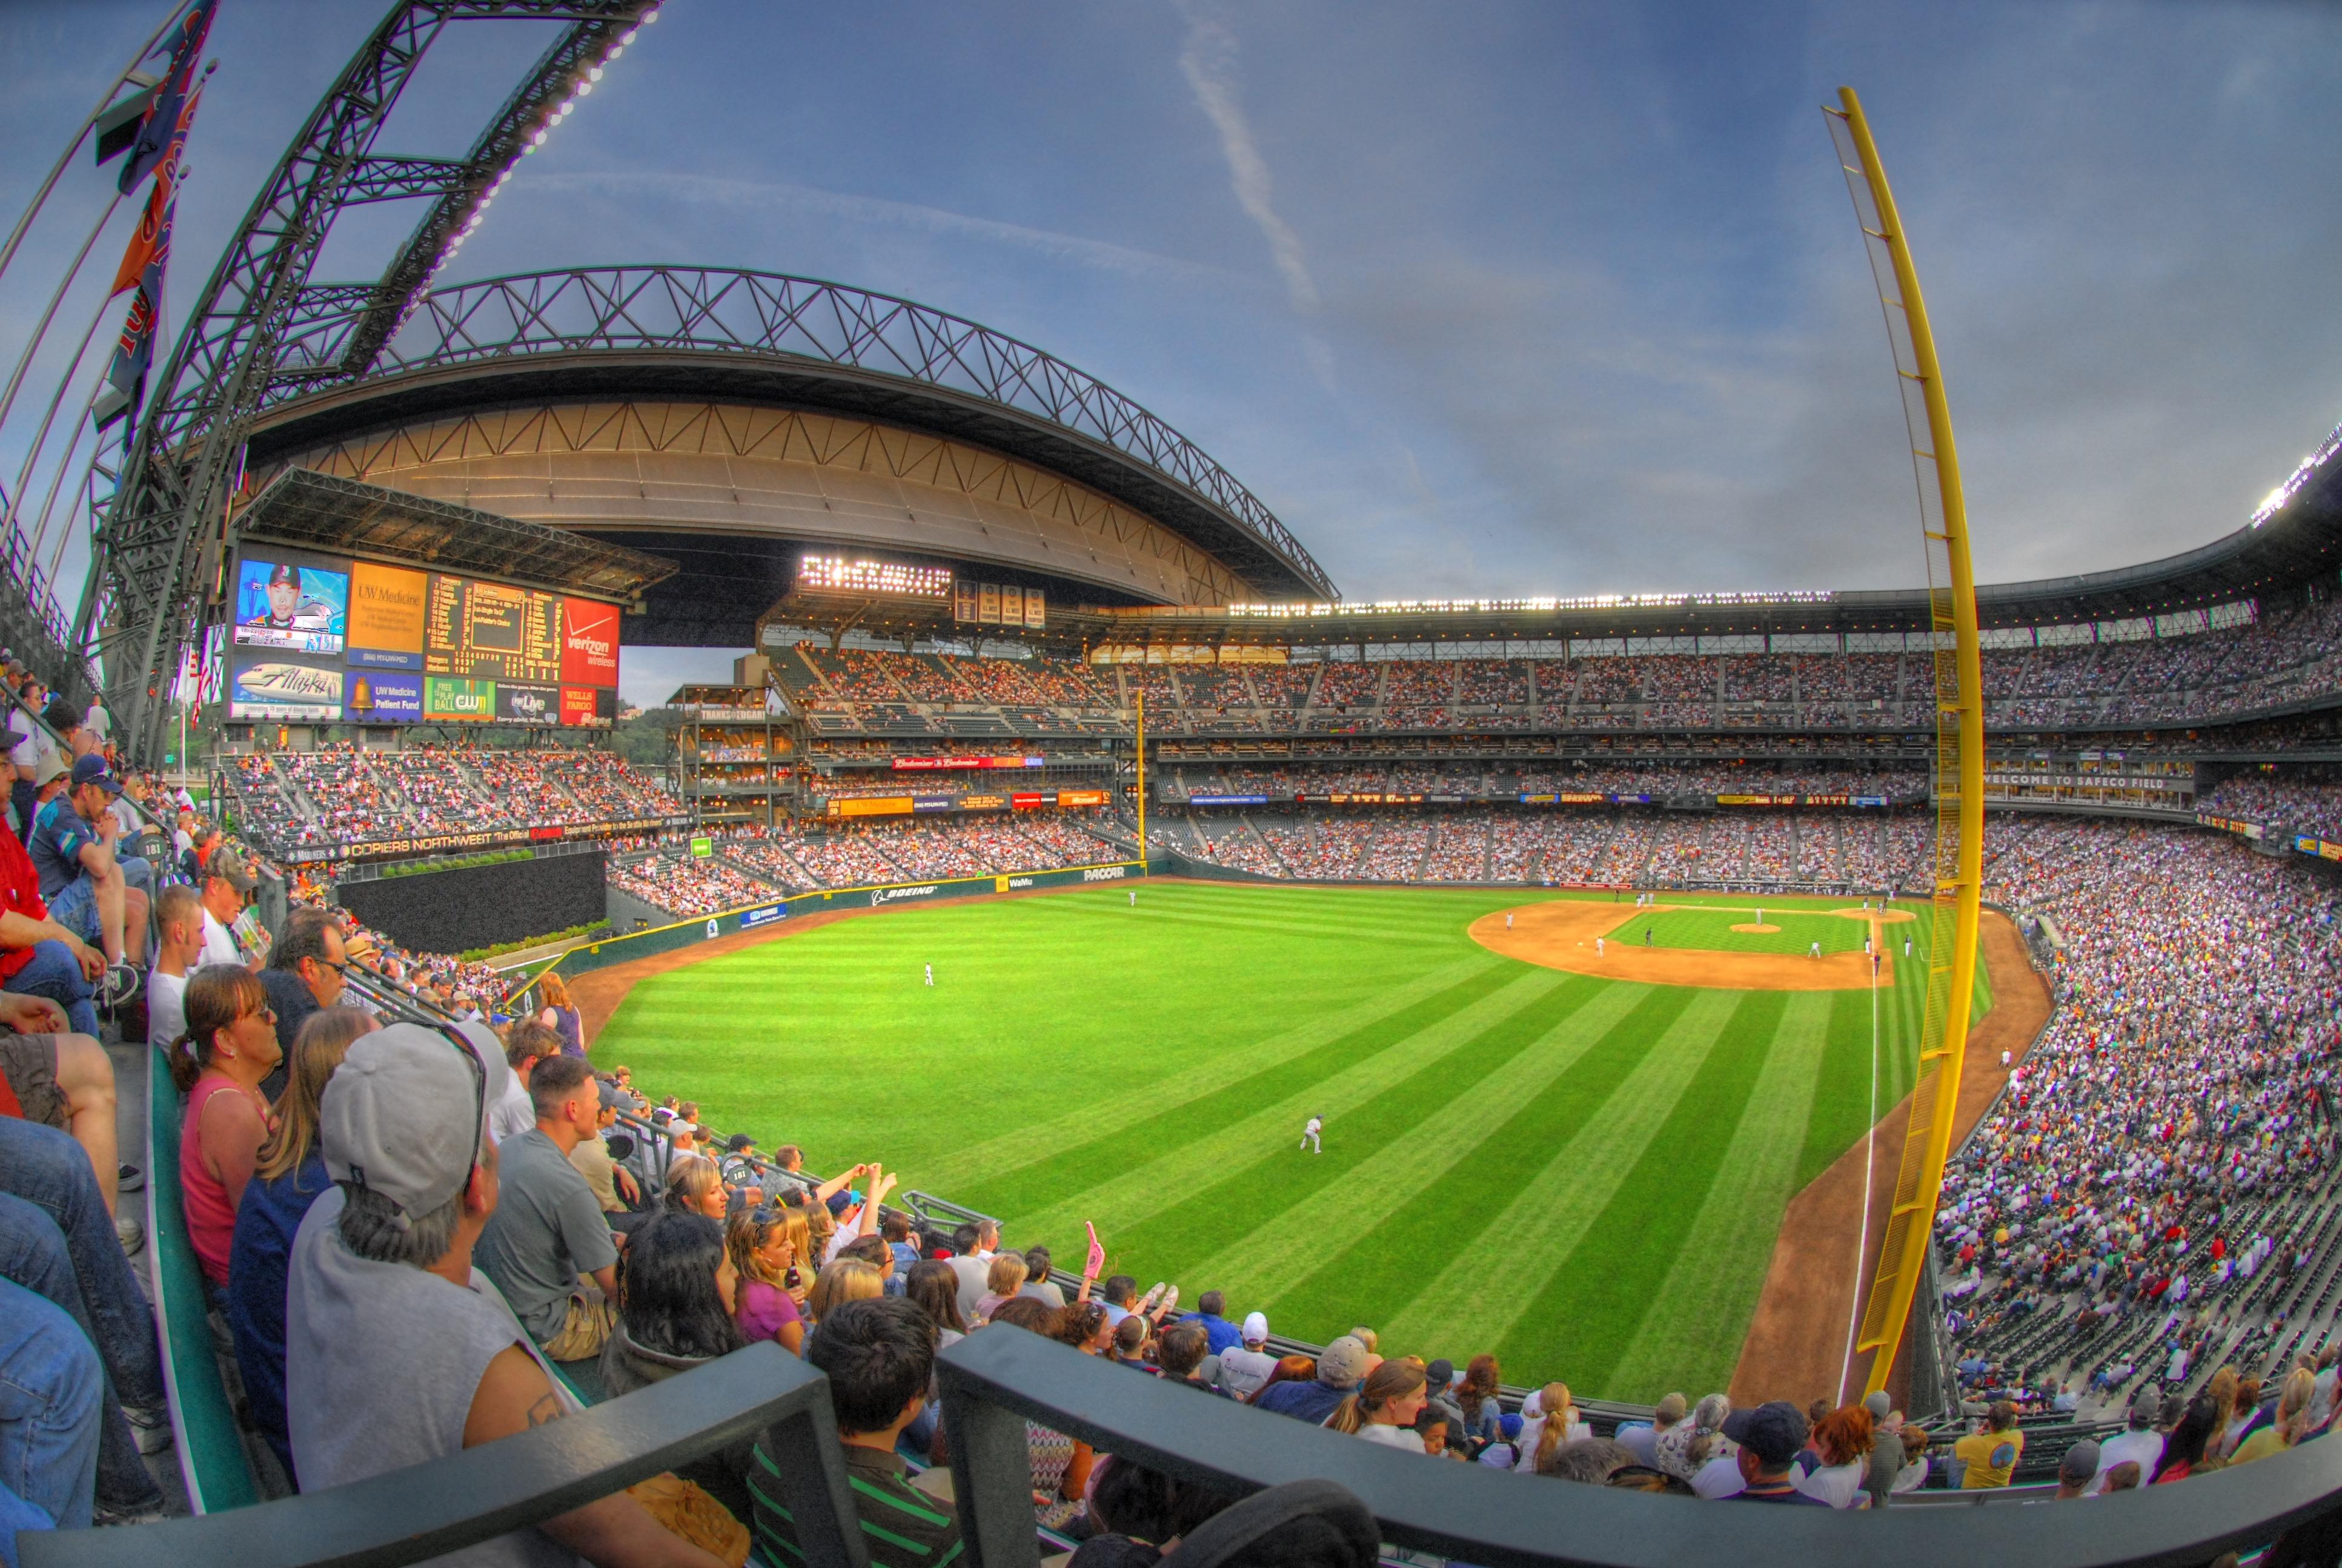 File:Safeco Field, Seattle-.jpg - Wikimedia Commons